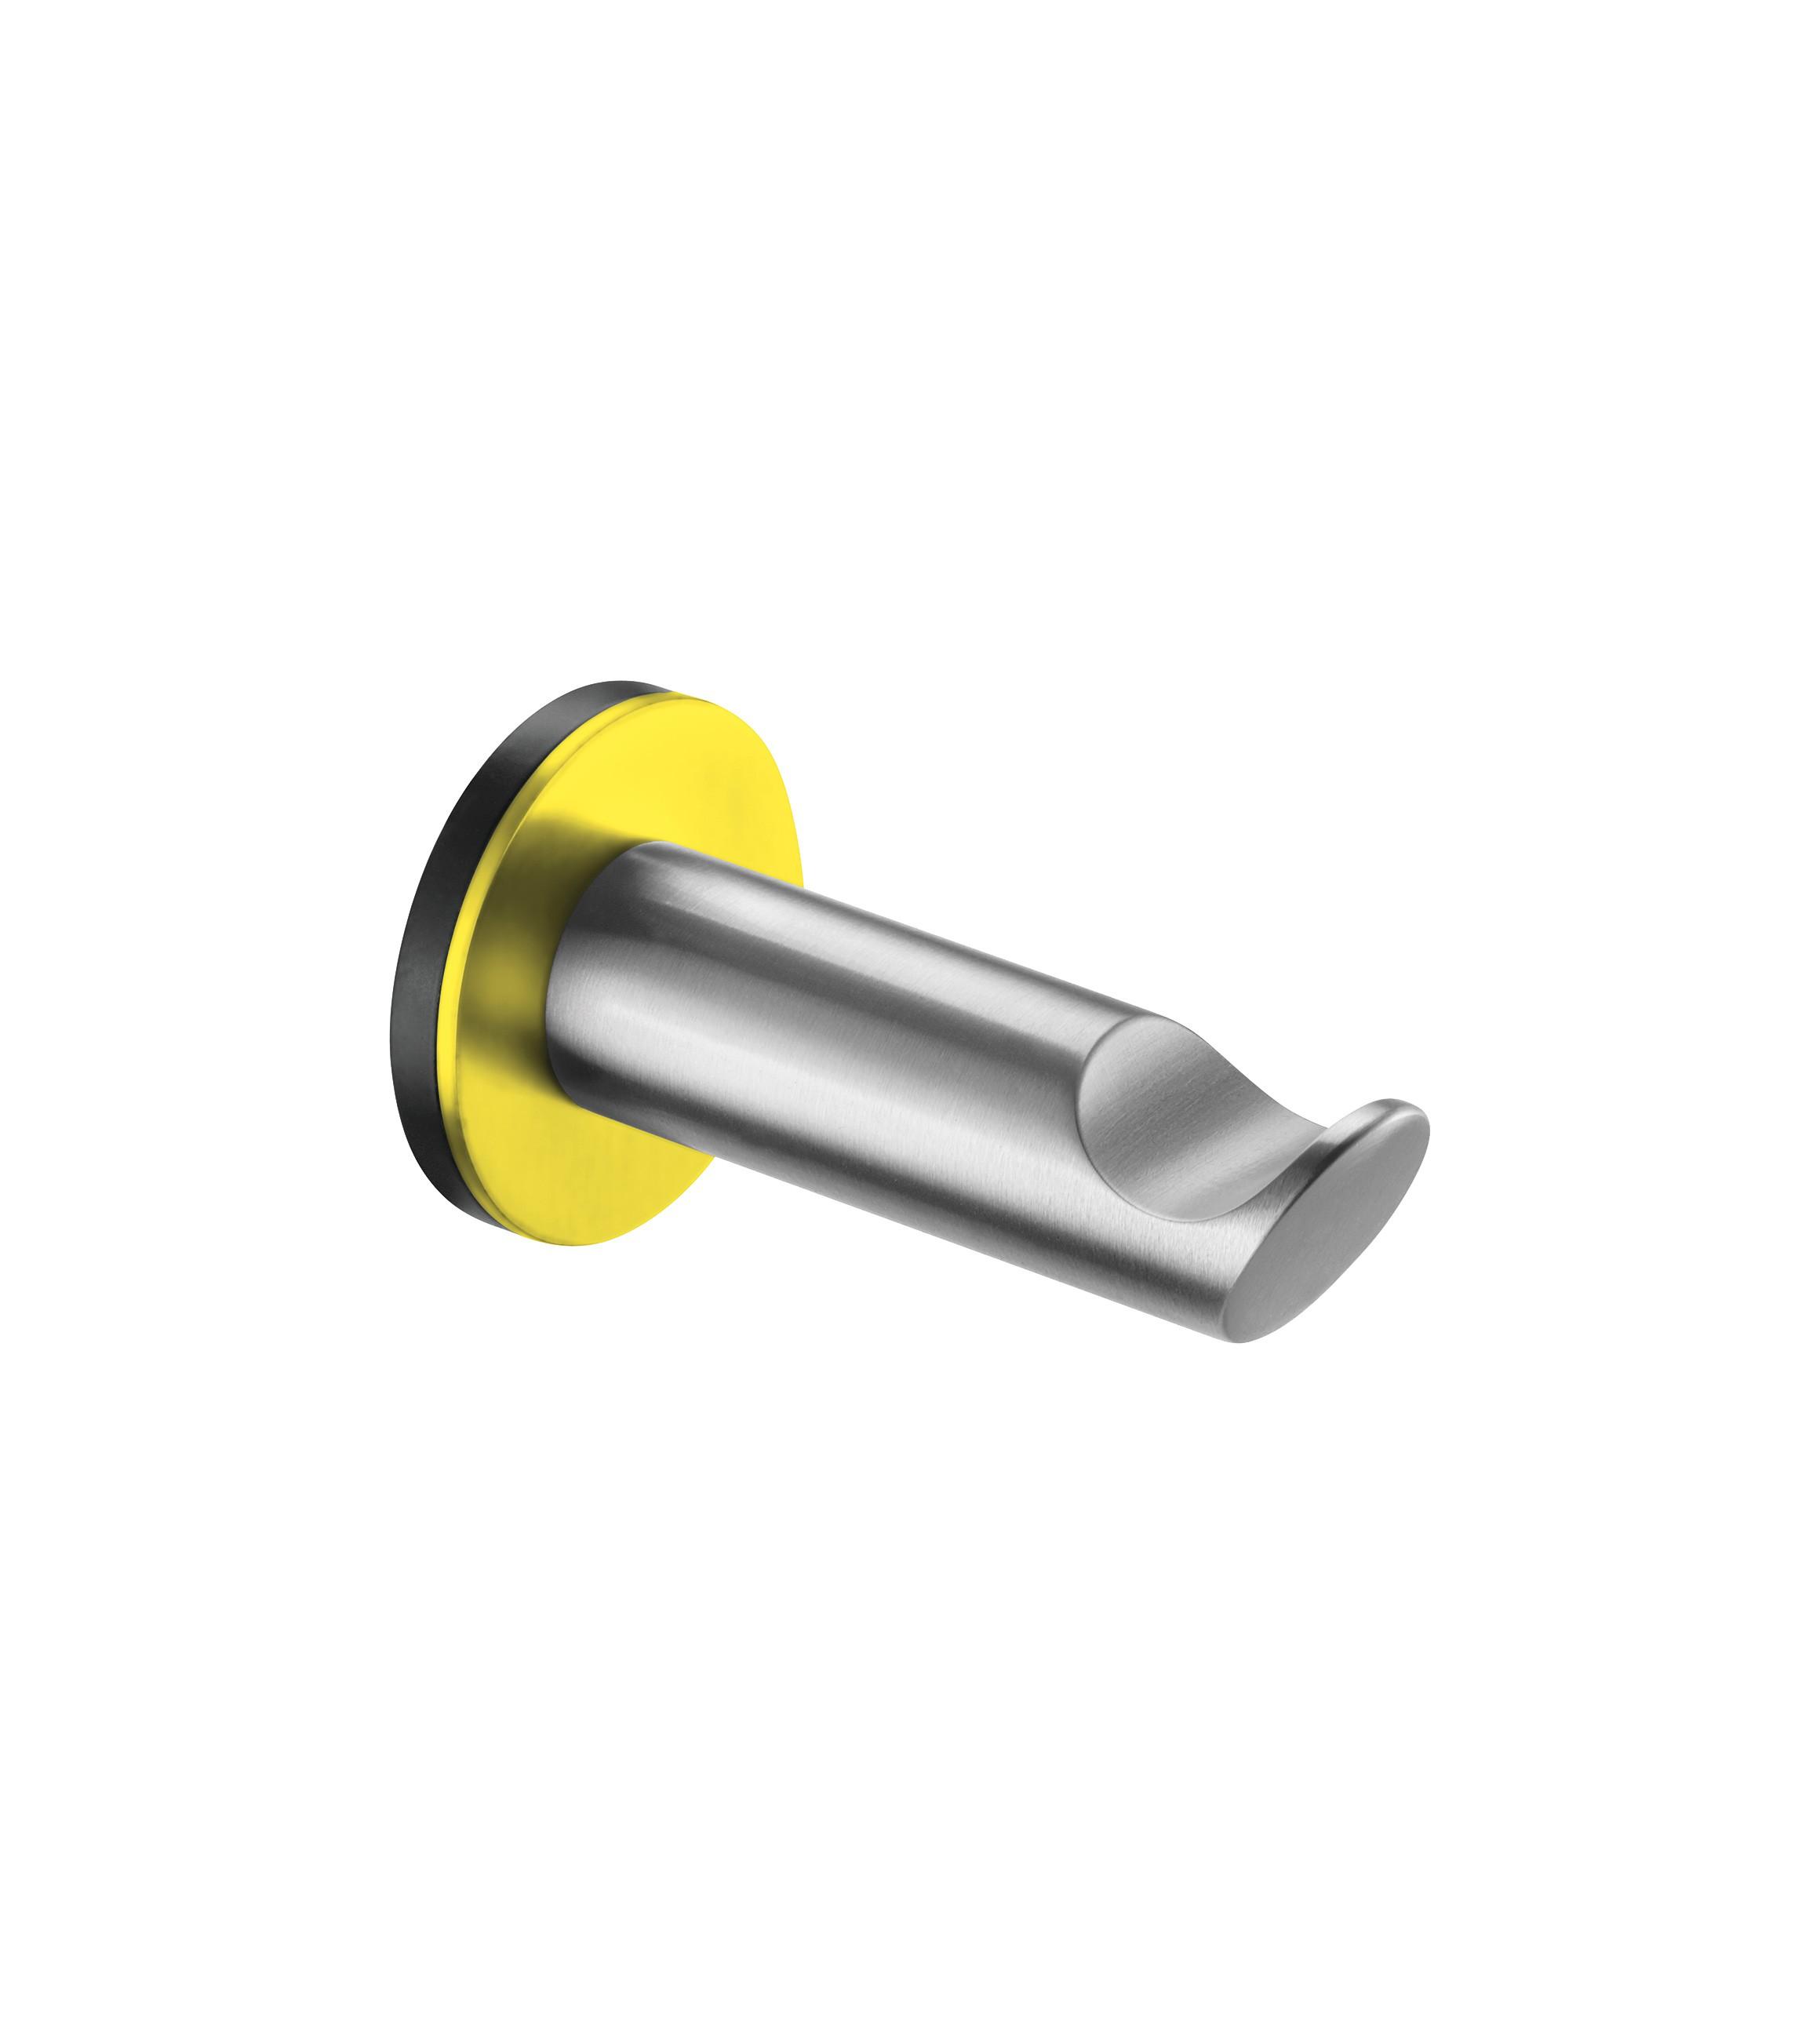 FSB Mantelhaken gelb RAL 1018 Edelstahl gelb (0 82 8260 00002 8700)